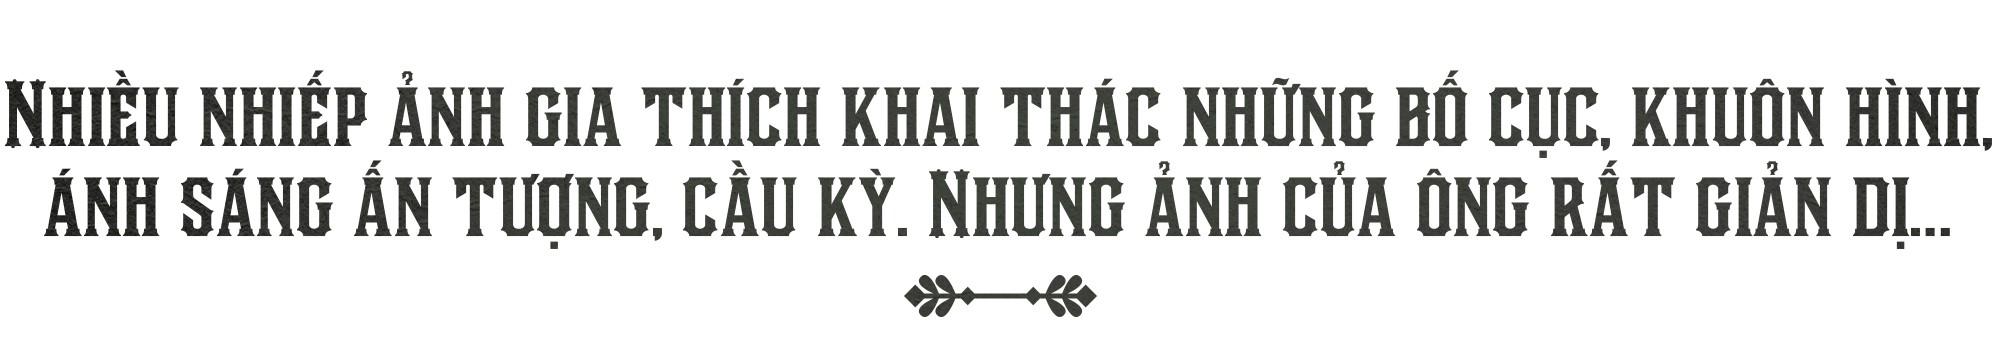 Văn hóa Việt và chùa chiền hấp dẫn tôi một cách tự nhiên - Ảnh 12.